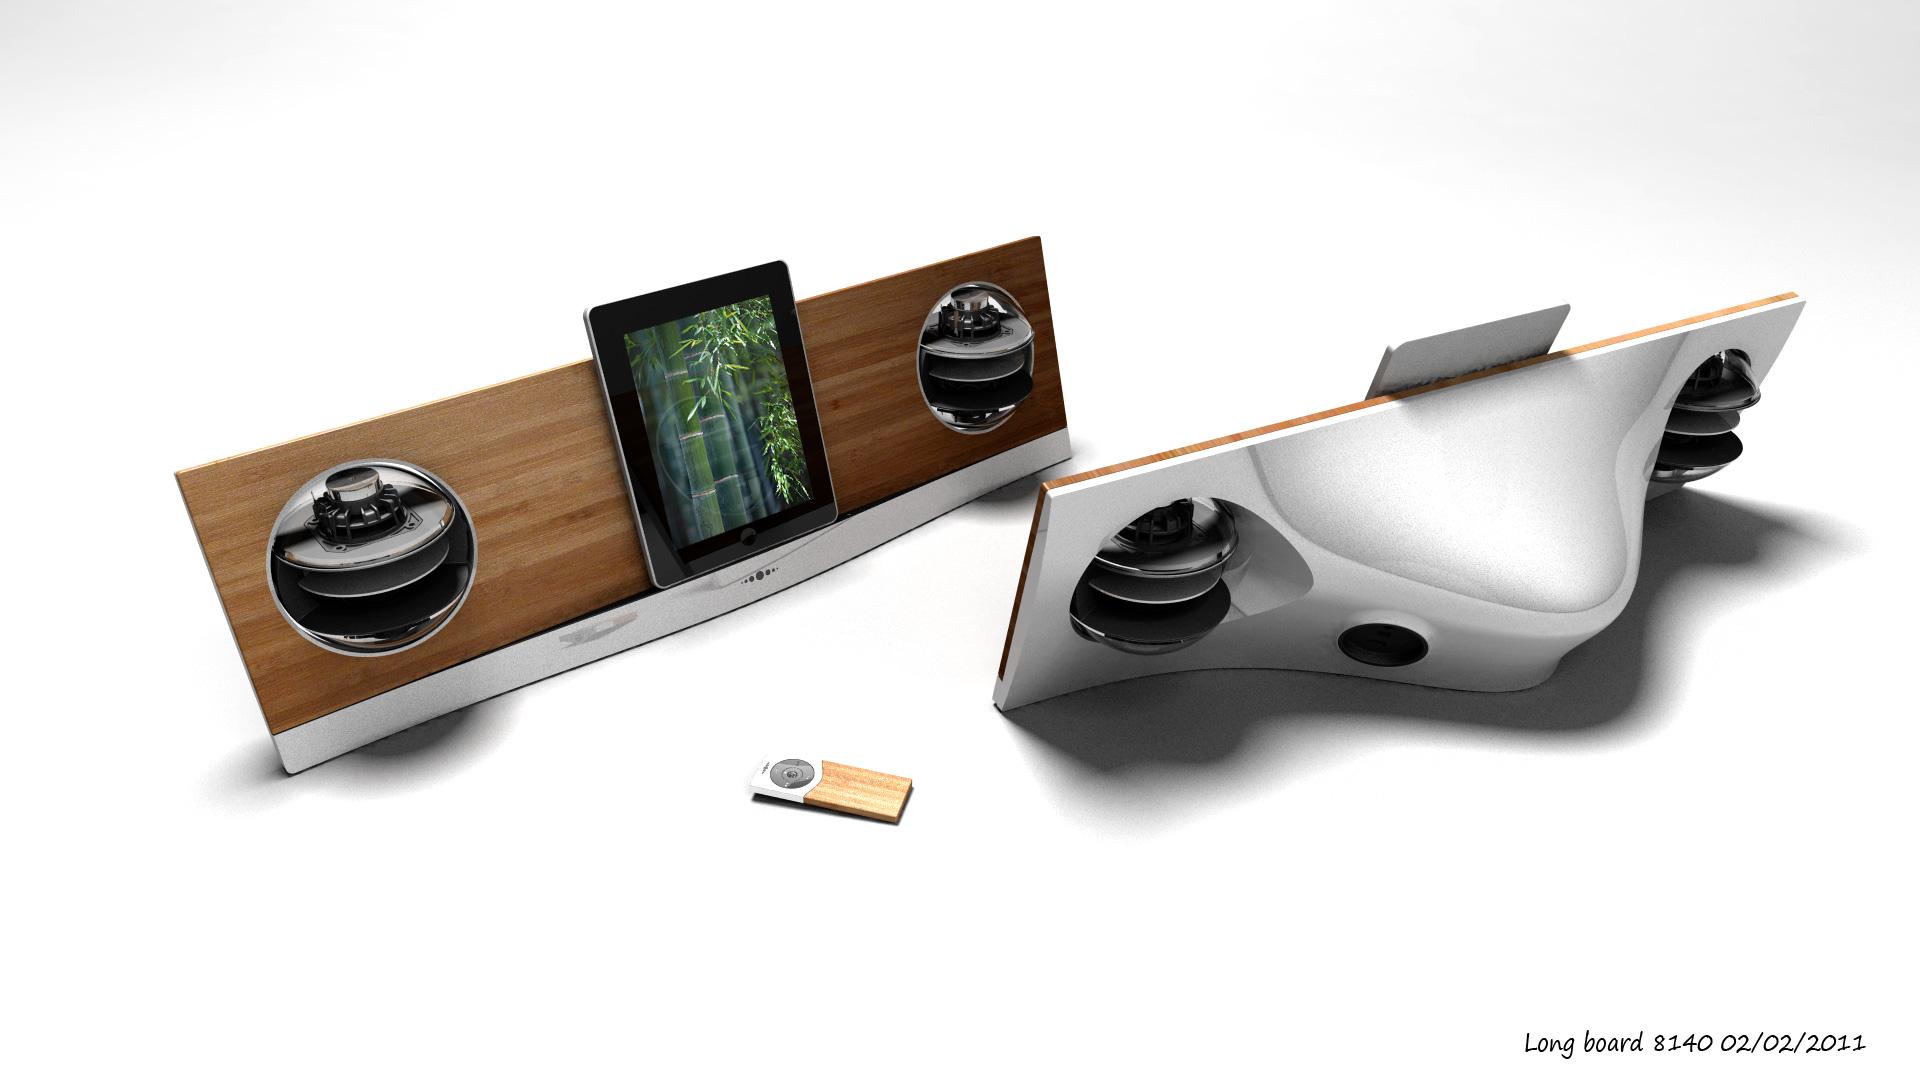 Beeindruckendes iPad-Dock von Jean Michel Jarre